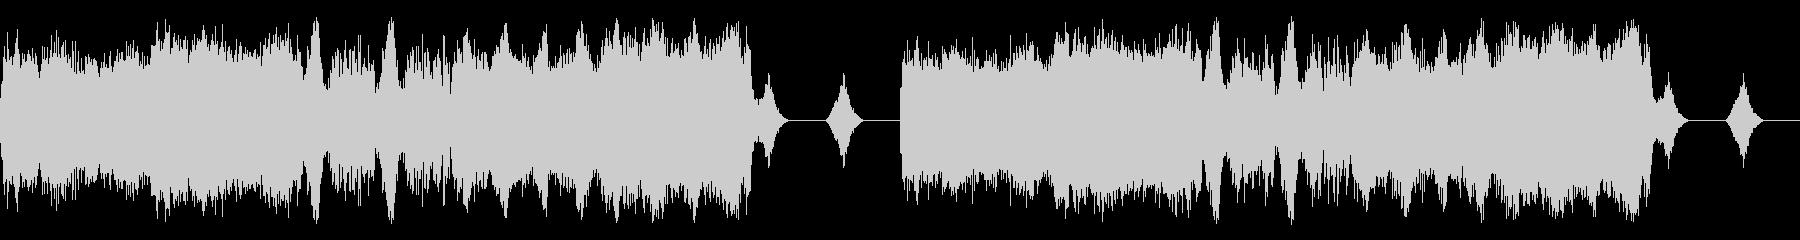 【ドラム抜き】シリアスな宇宙っぽいエピ…の未再生の波形